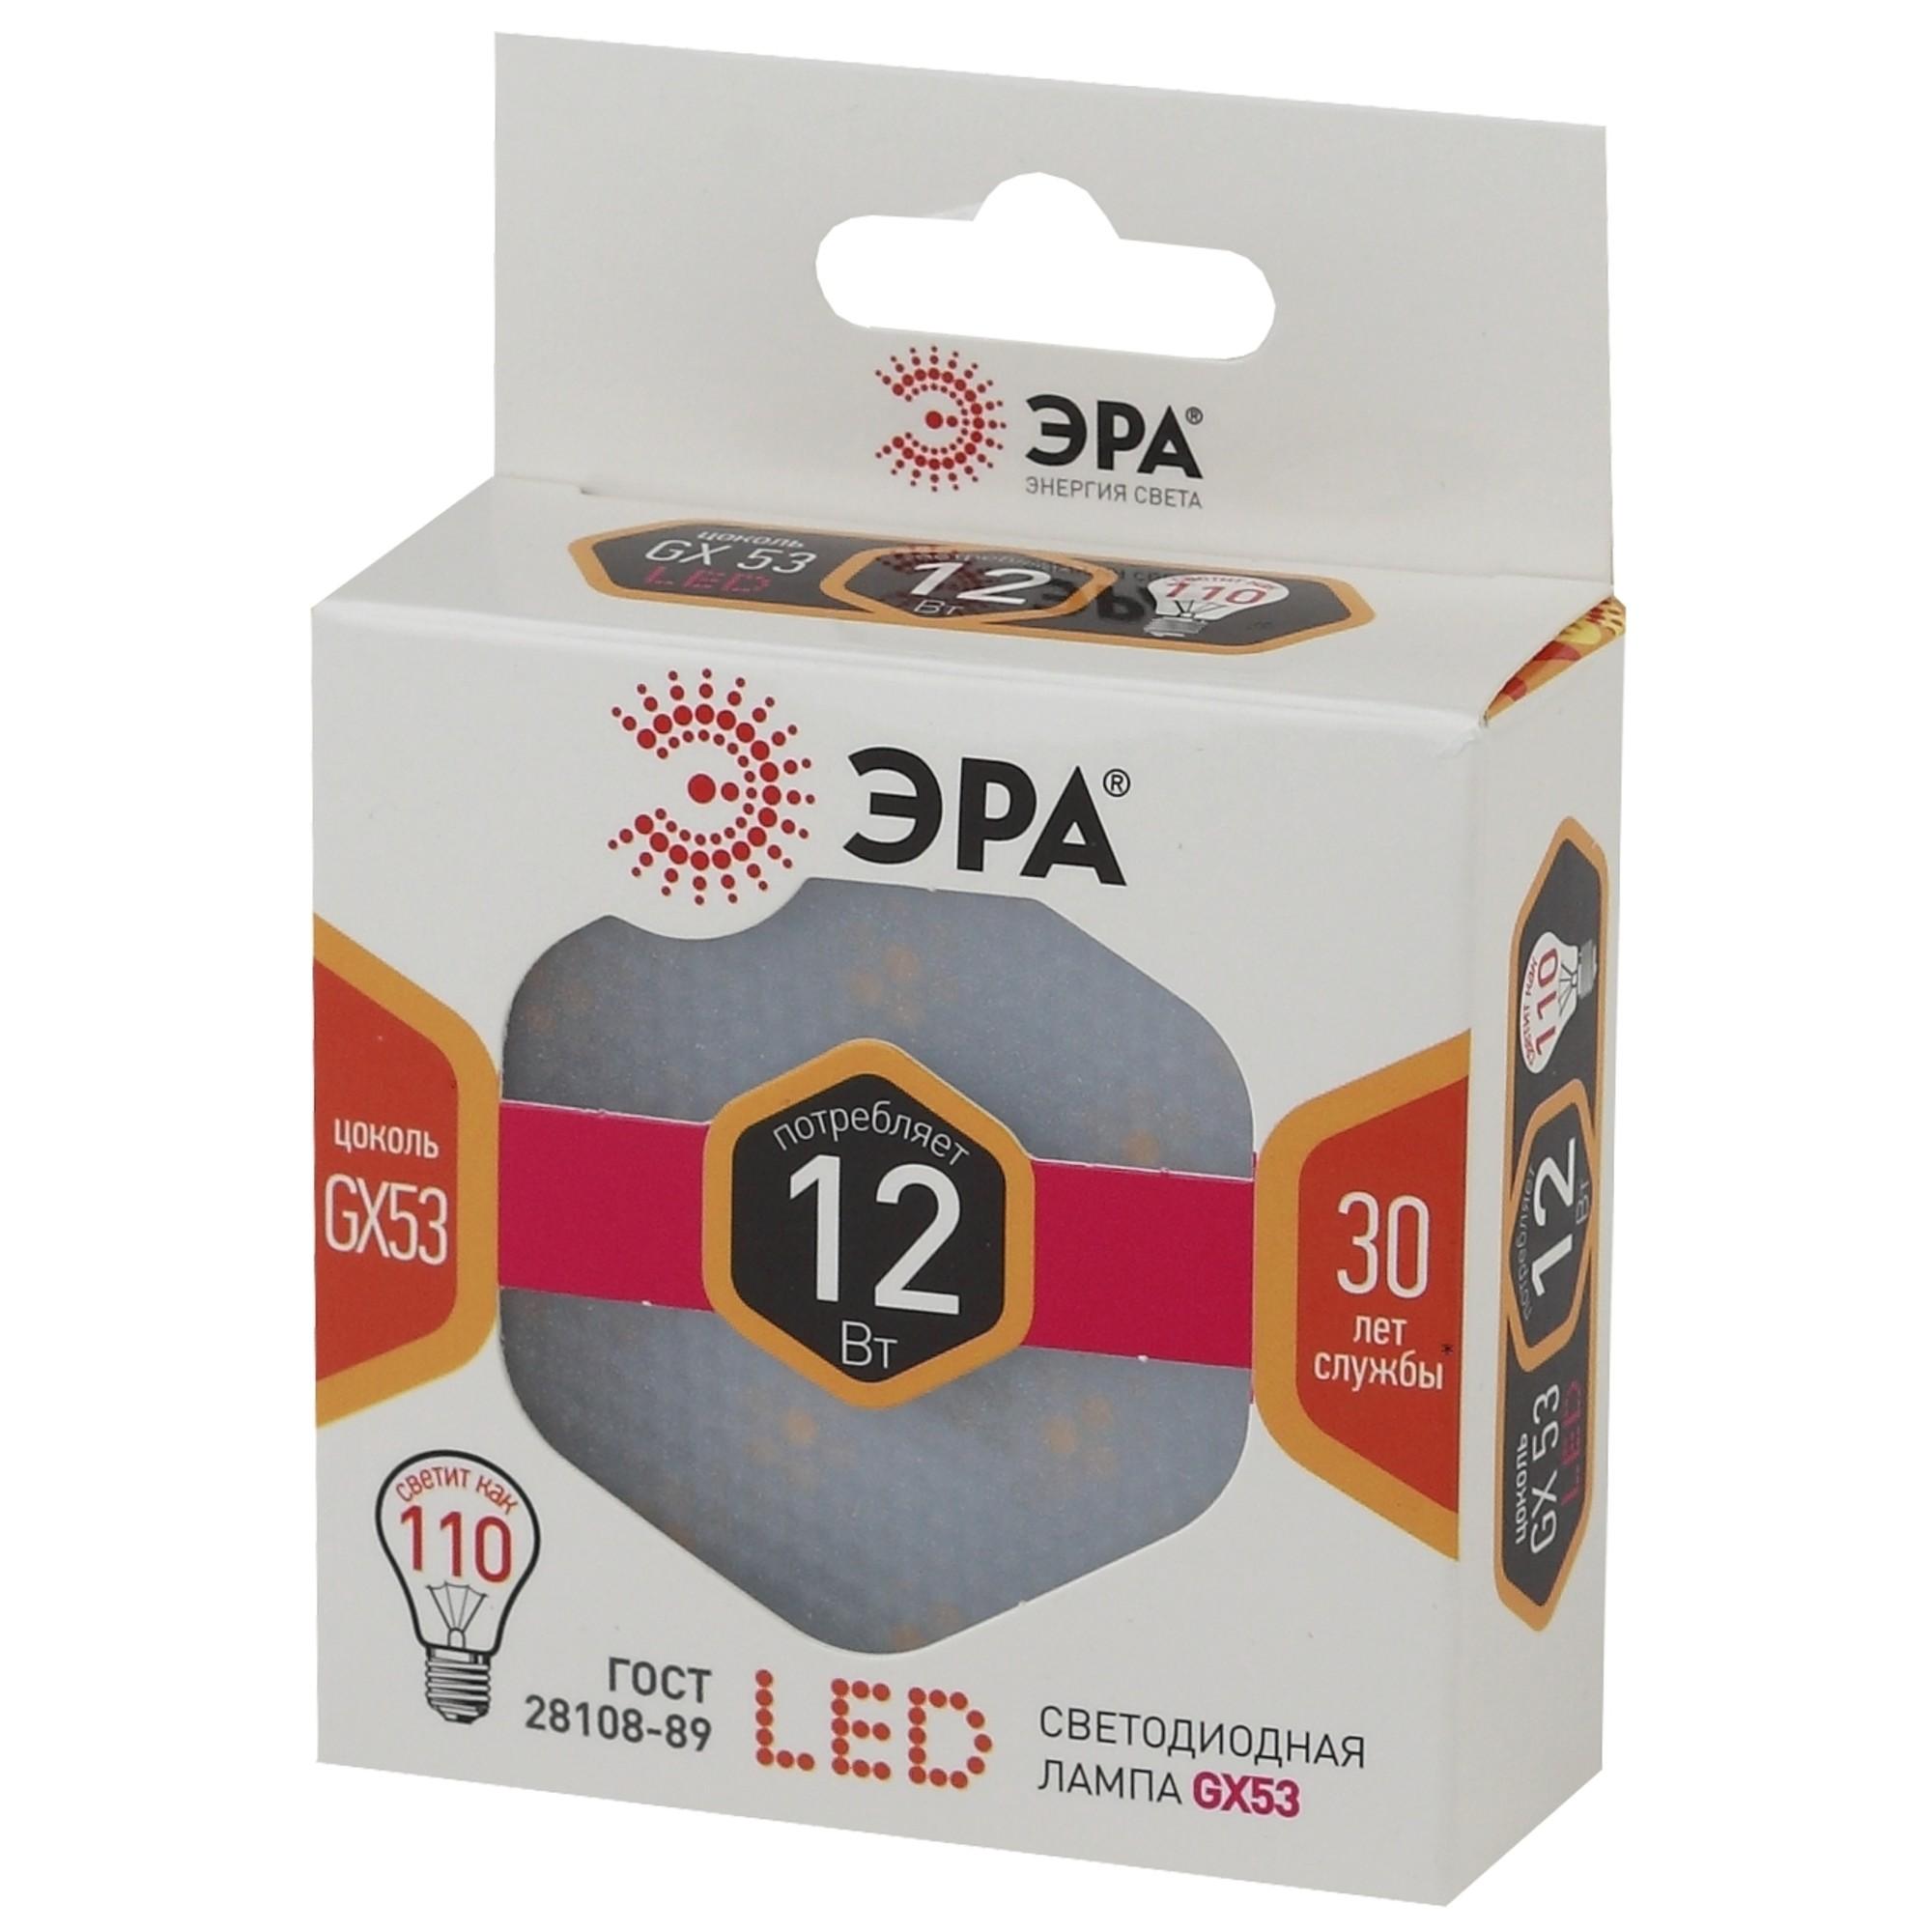 Лампа светодиодная Gх53 220 В 12 Вт диск матовый 960 лм тёплый белый свет